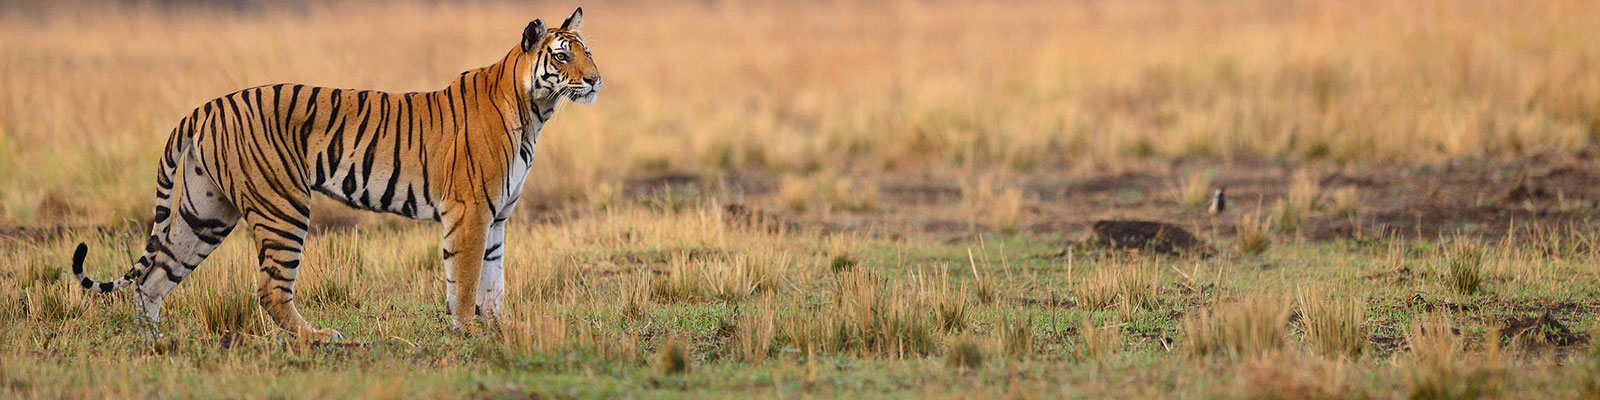 Bandhavgarh tiger image